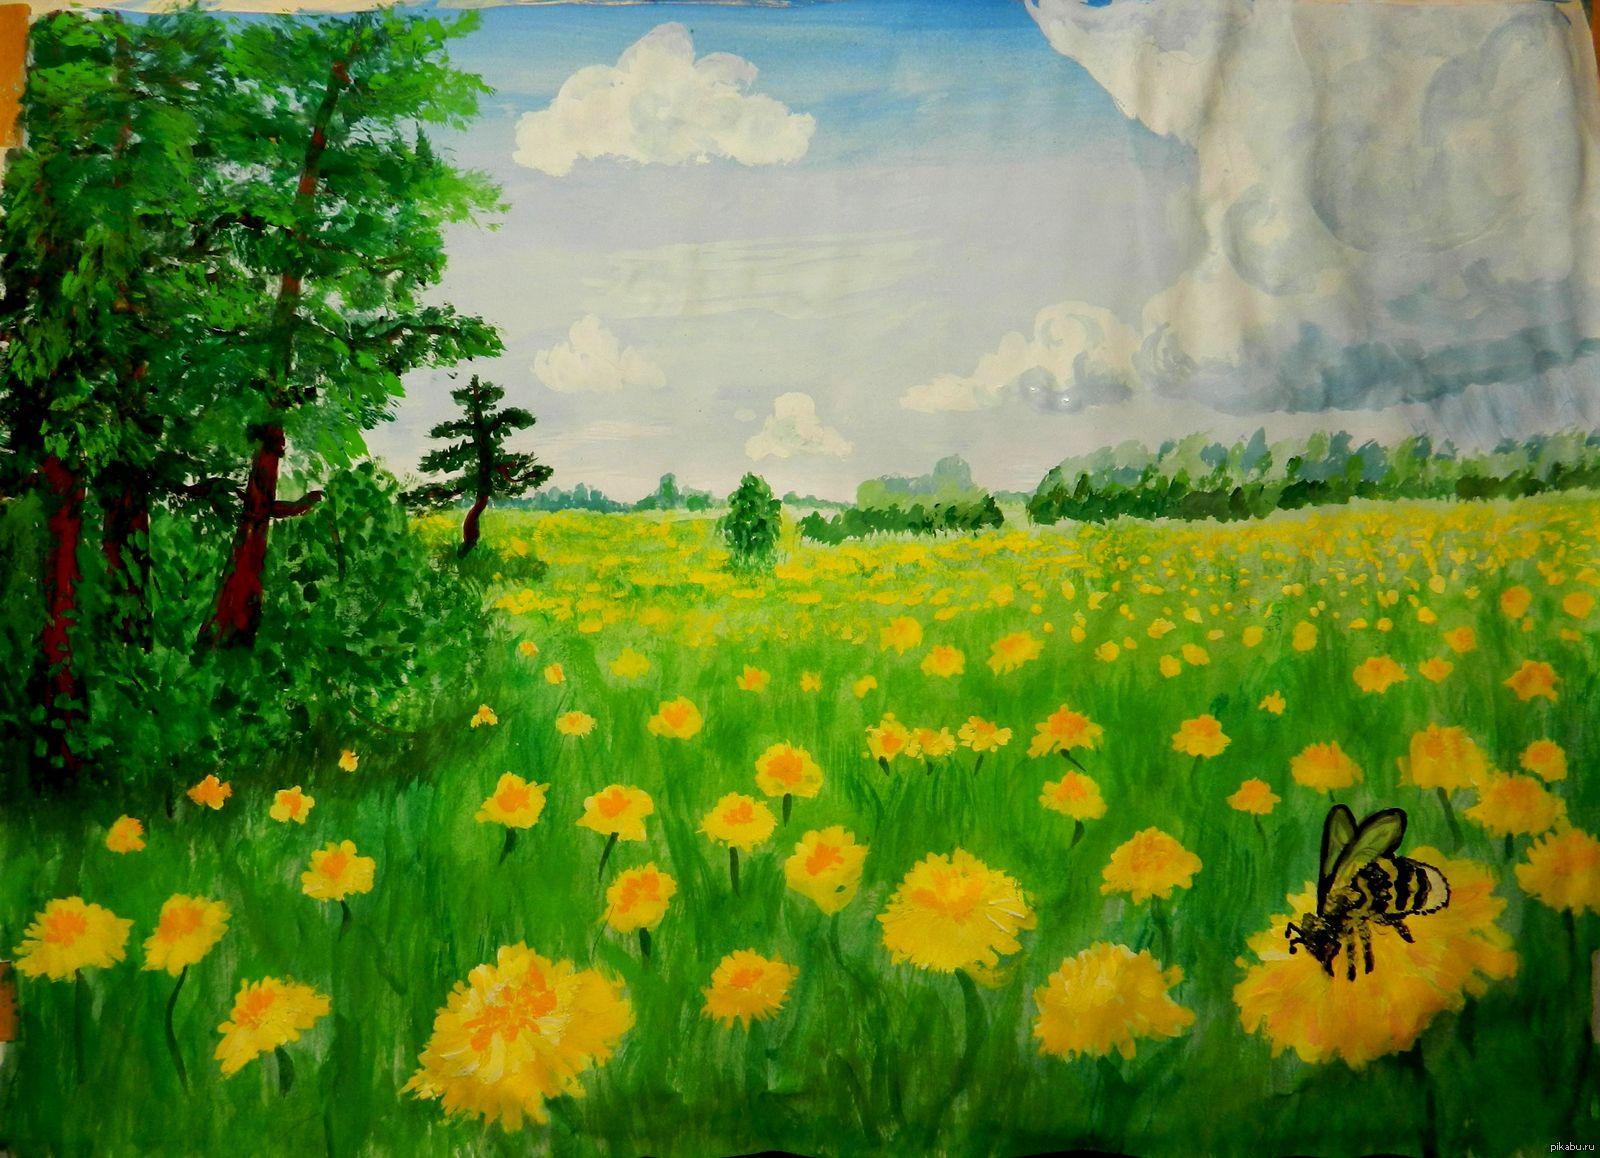 лето природа рисунок вкусный, внутри